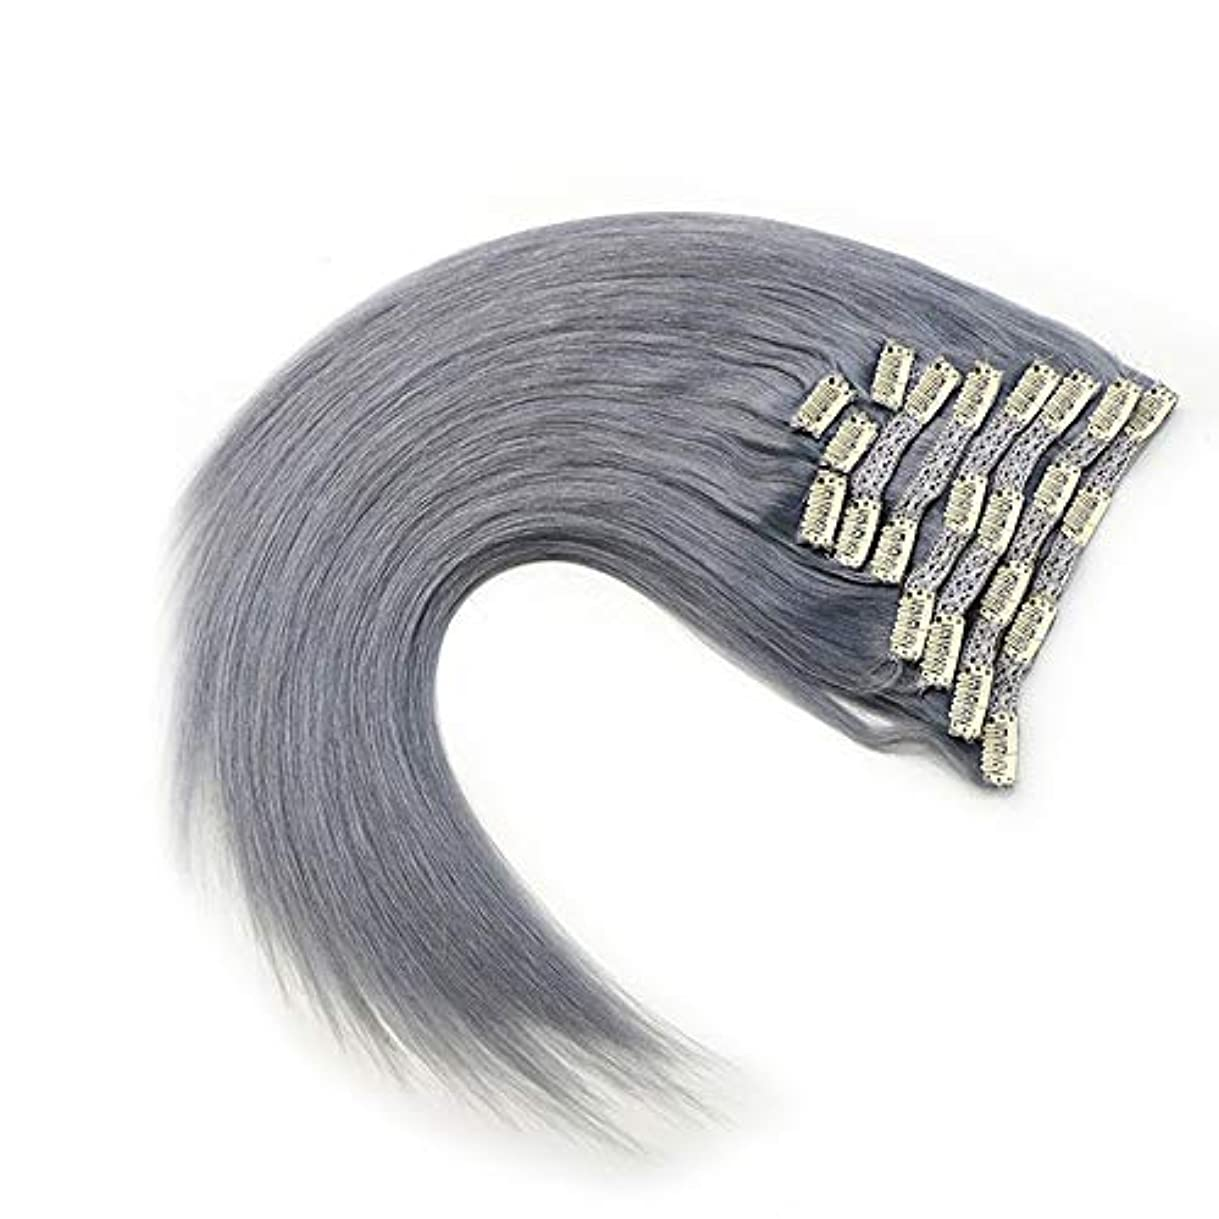 細胞引き出すピアニストWASAIO グレー)、拡張完全な頭部HairHairクリップシームレスな髪型交換用の変更スタイルの作品で未精製レミー人間ヘアクリップ(17